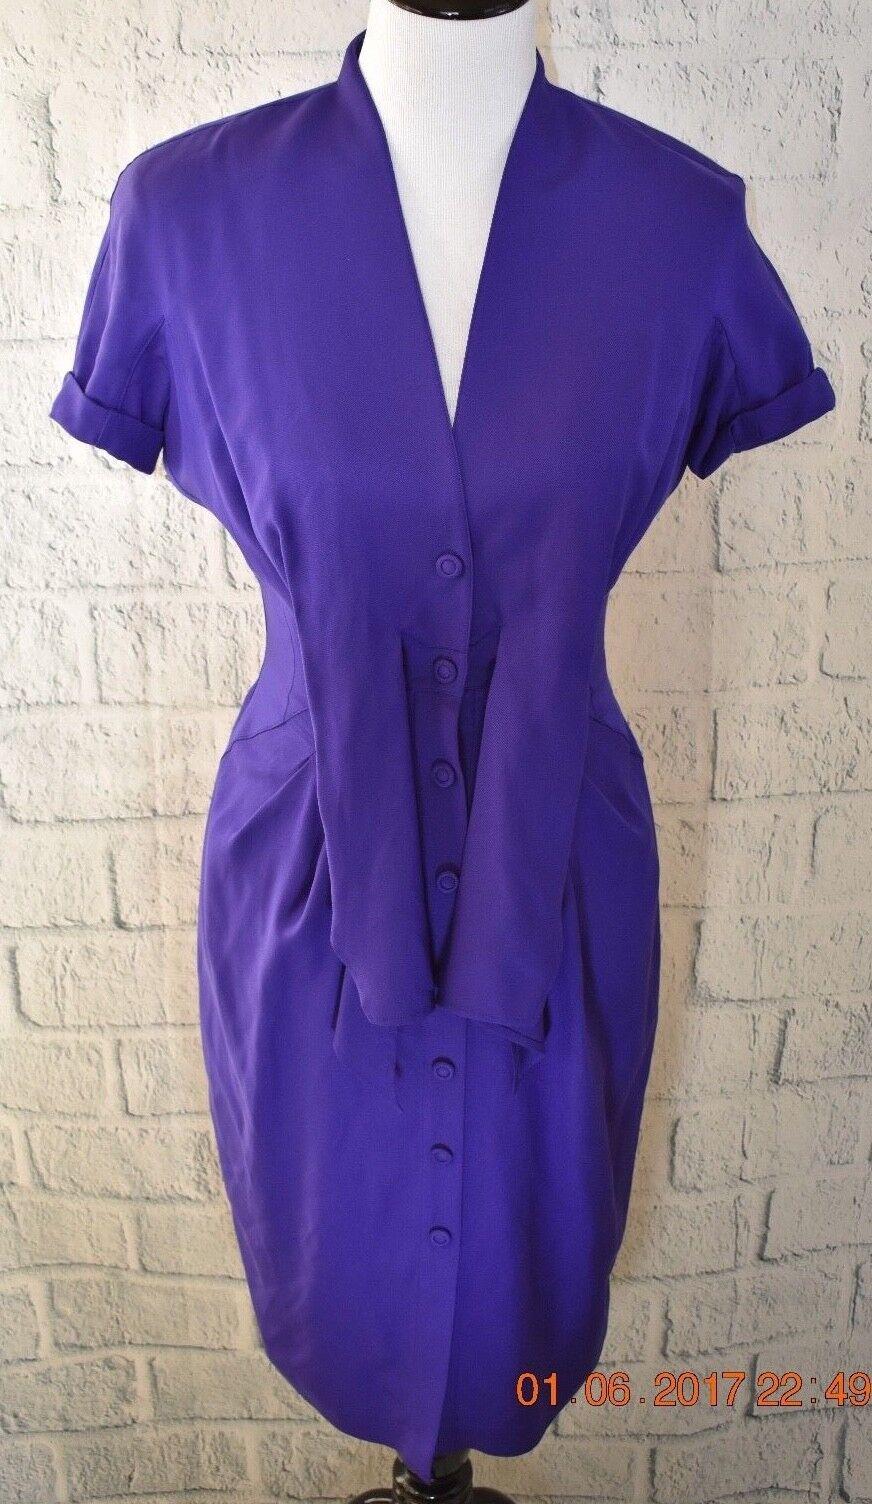 Thierry Muglar Paris damen lila Silk Dress Front Snap Button Fitted Sz 36 EUC